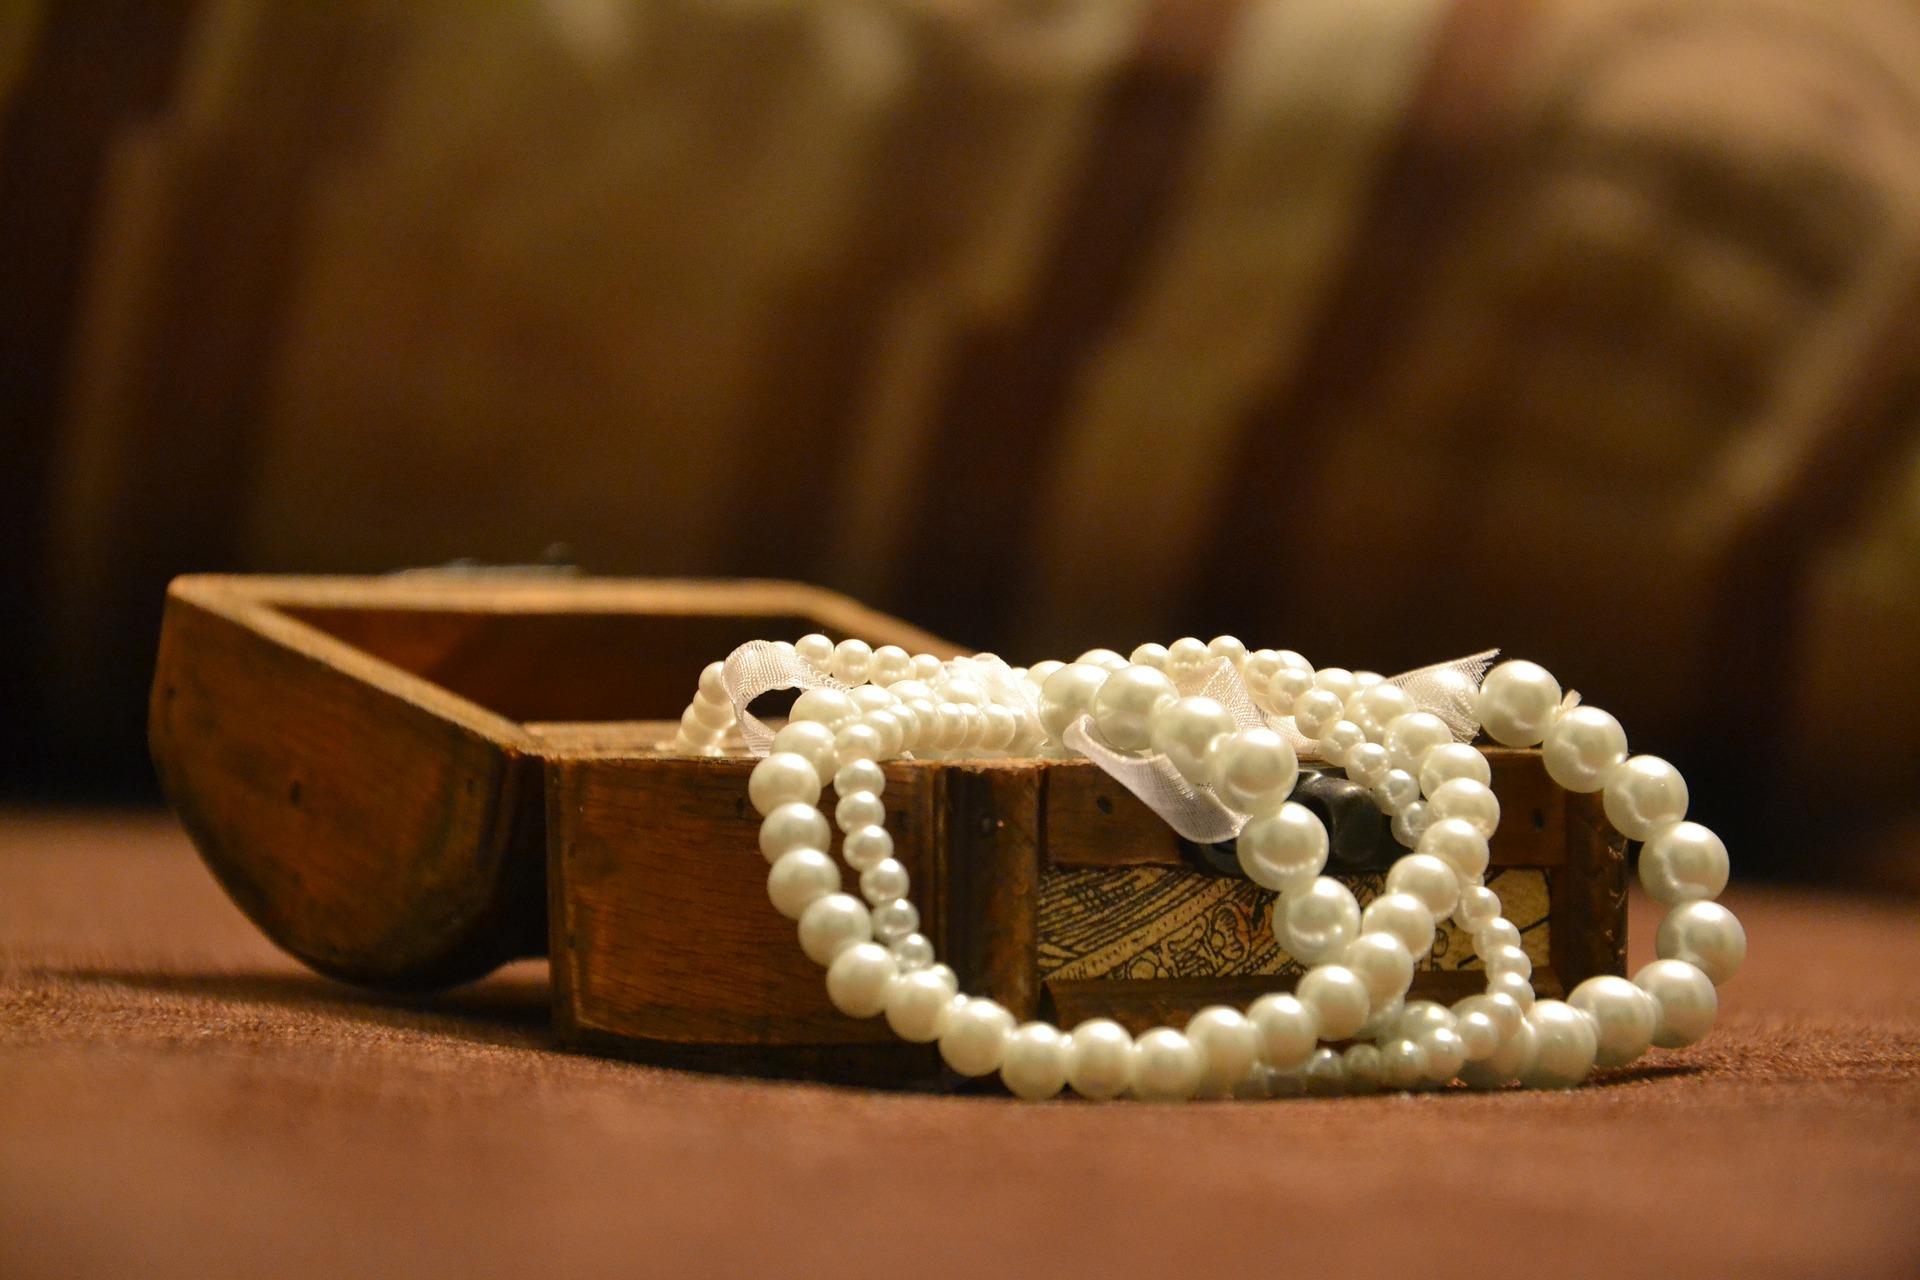 ジュエリーボックスから飛び出た真珠のネックレス